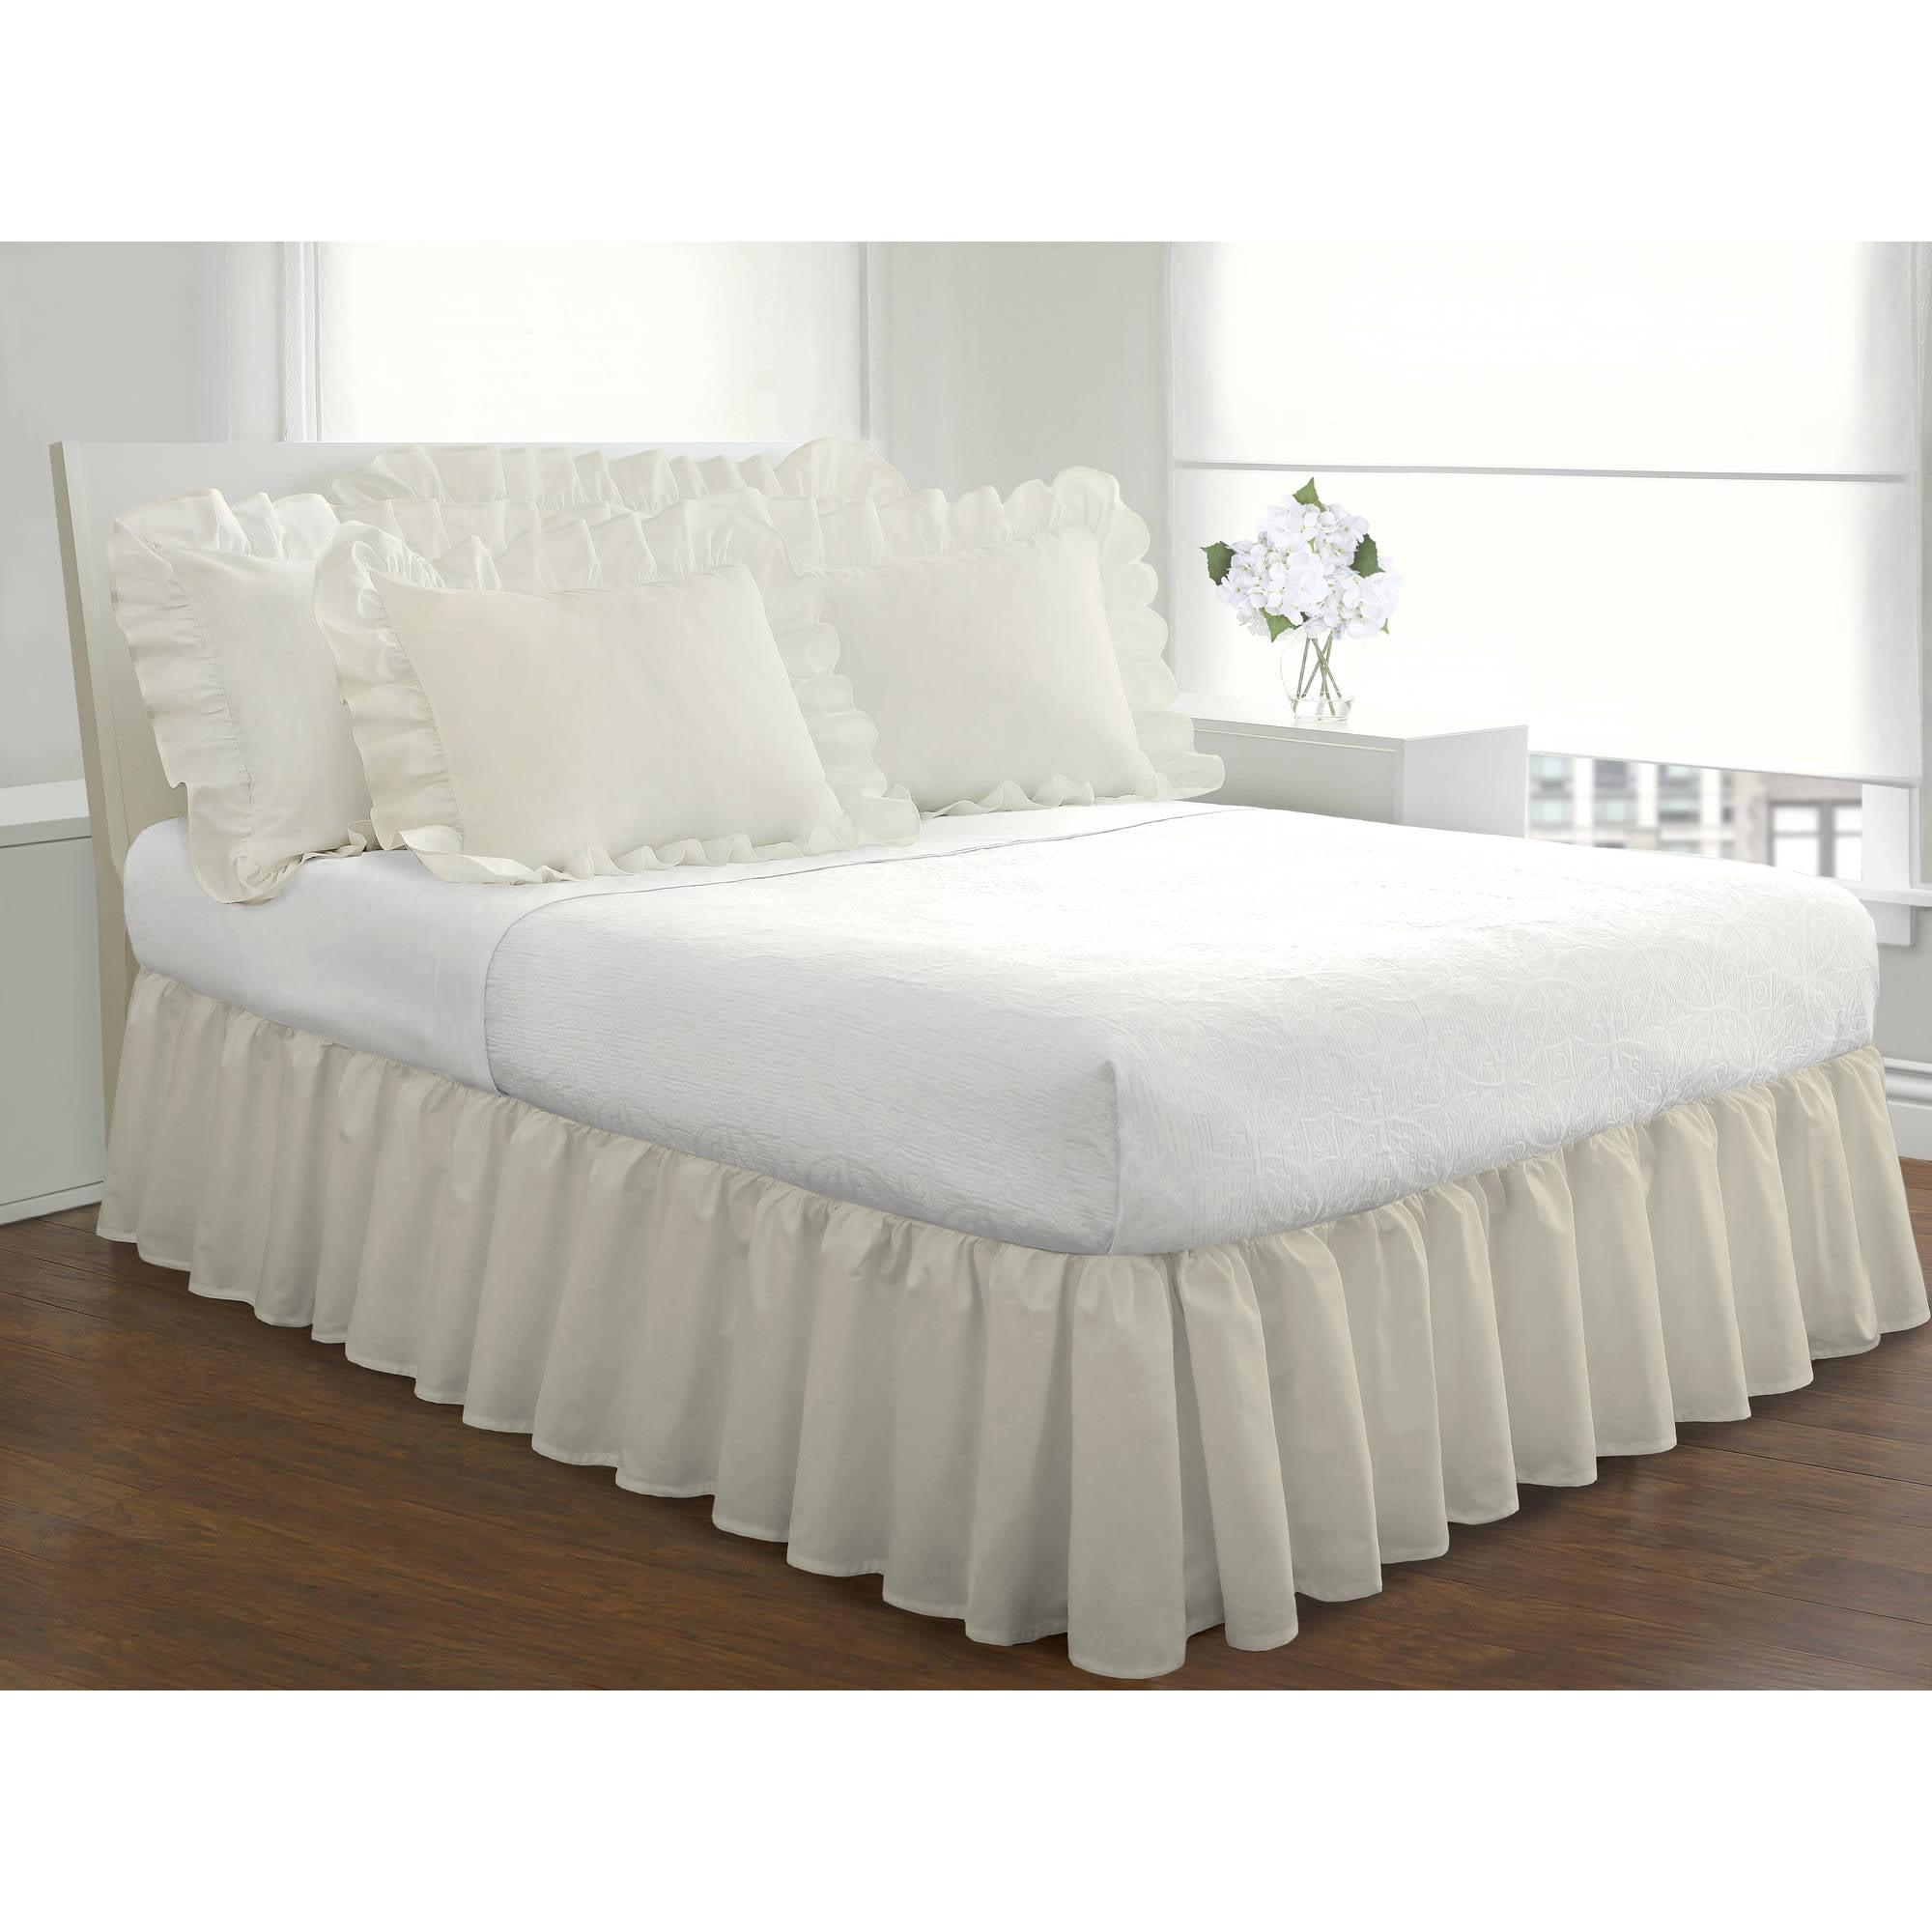 Fresh Ideas Ruffled Poplin Collection Bed Skirt Queen White Walmart Com Walmart Com